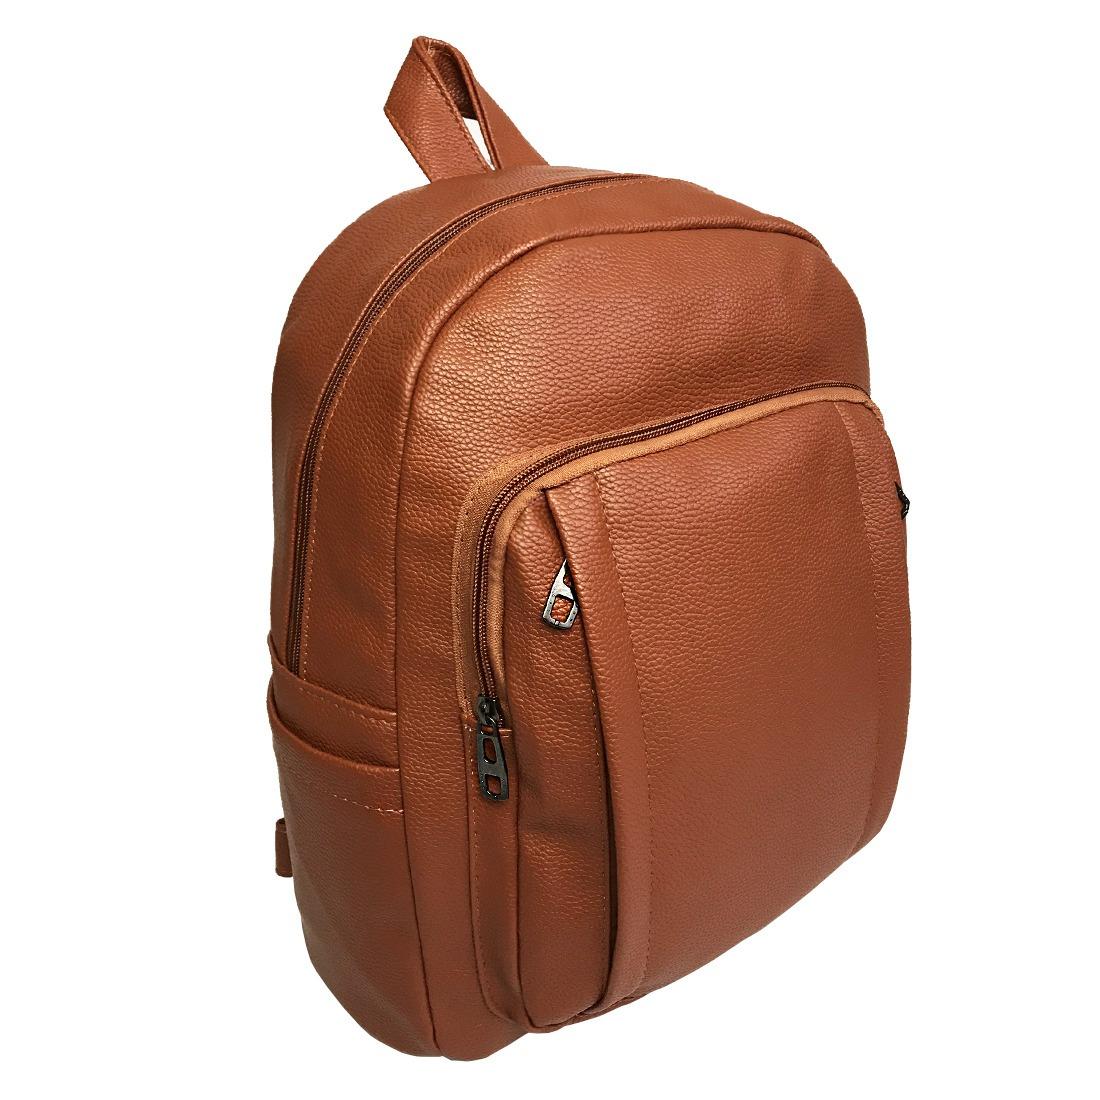 cd7ee2762 mochila bolsa feminina couro sintético faculdade trabalho. Carregando zoom.